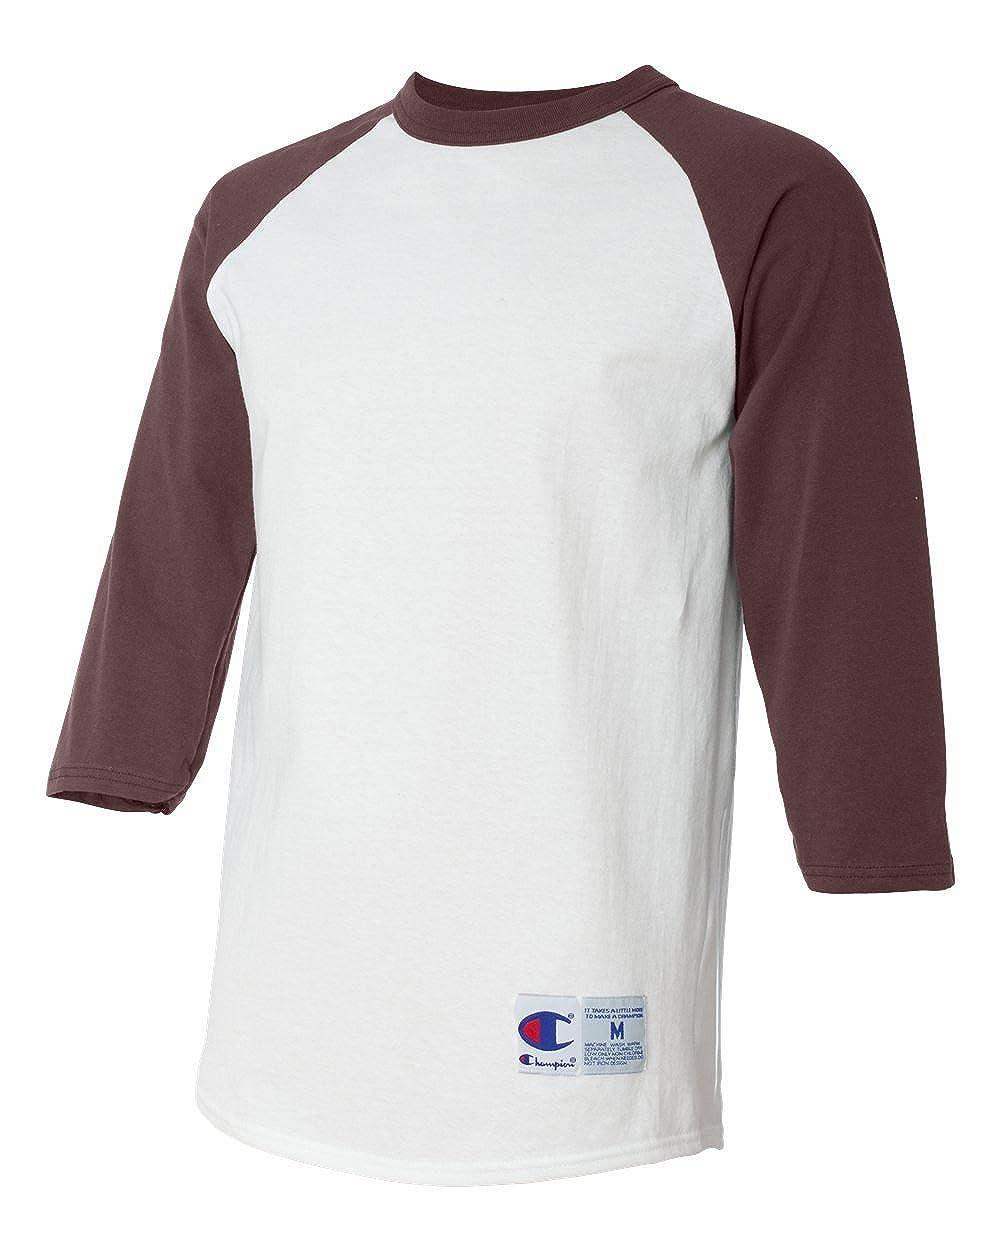 Champion T1397 6.1 Oz. Tagless Raglan Baseball T-shirt  4d5c0a5a3